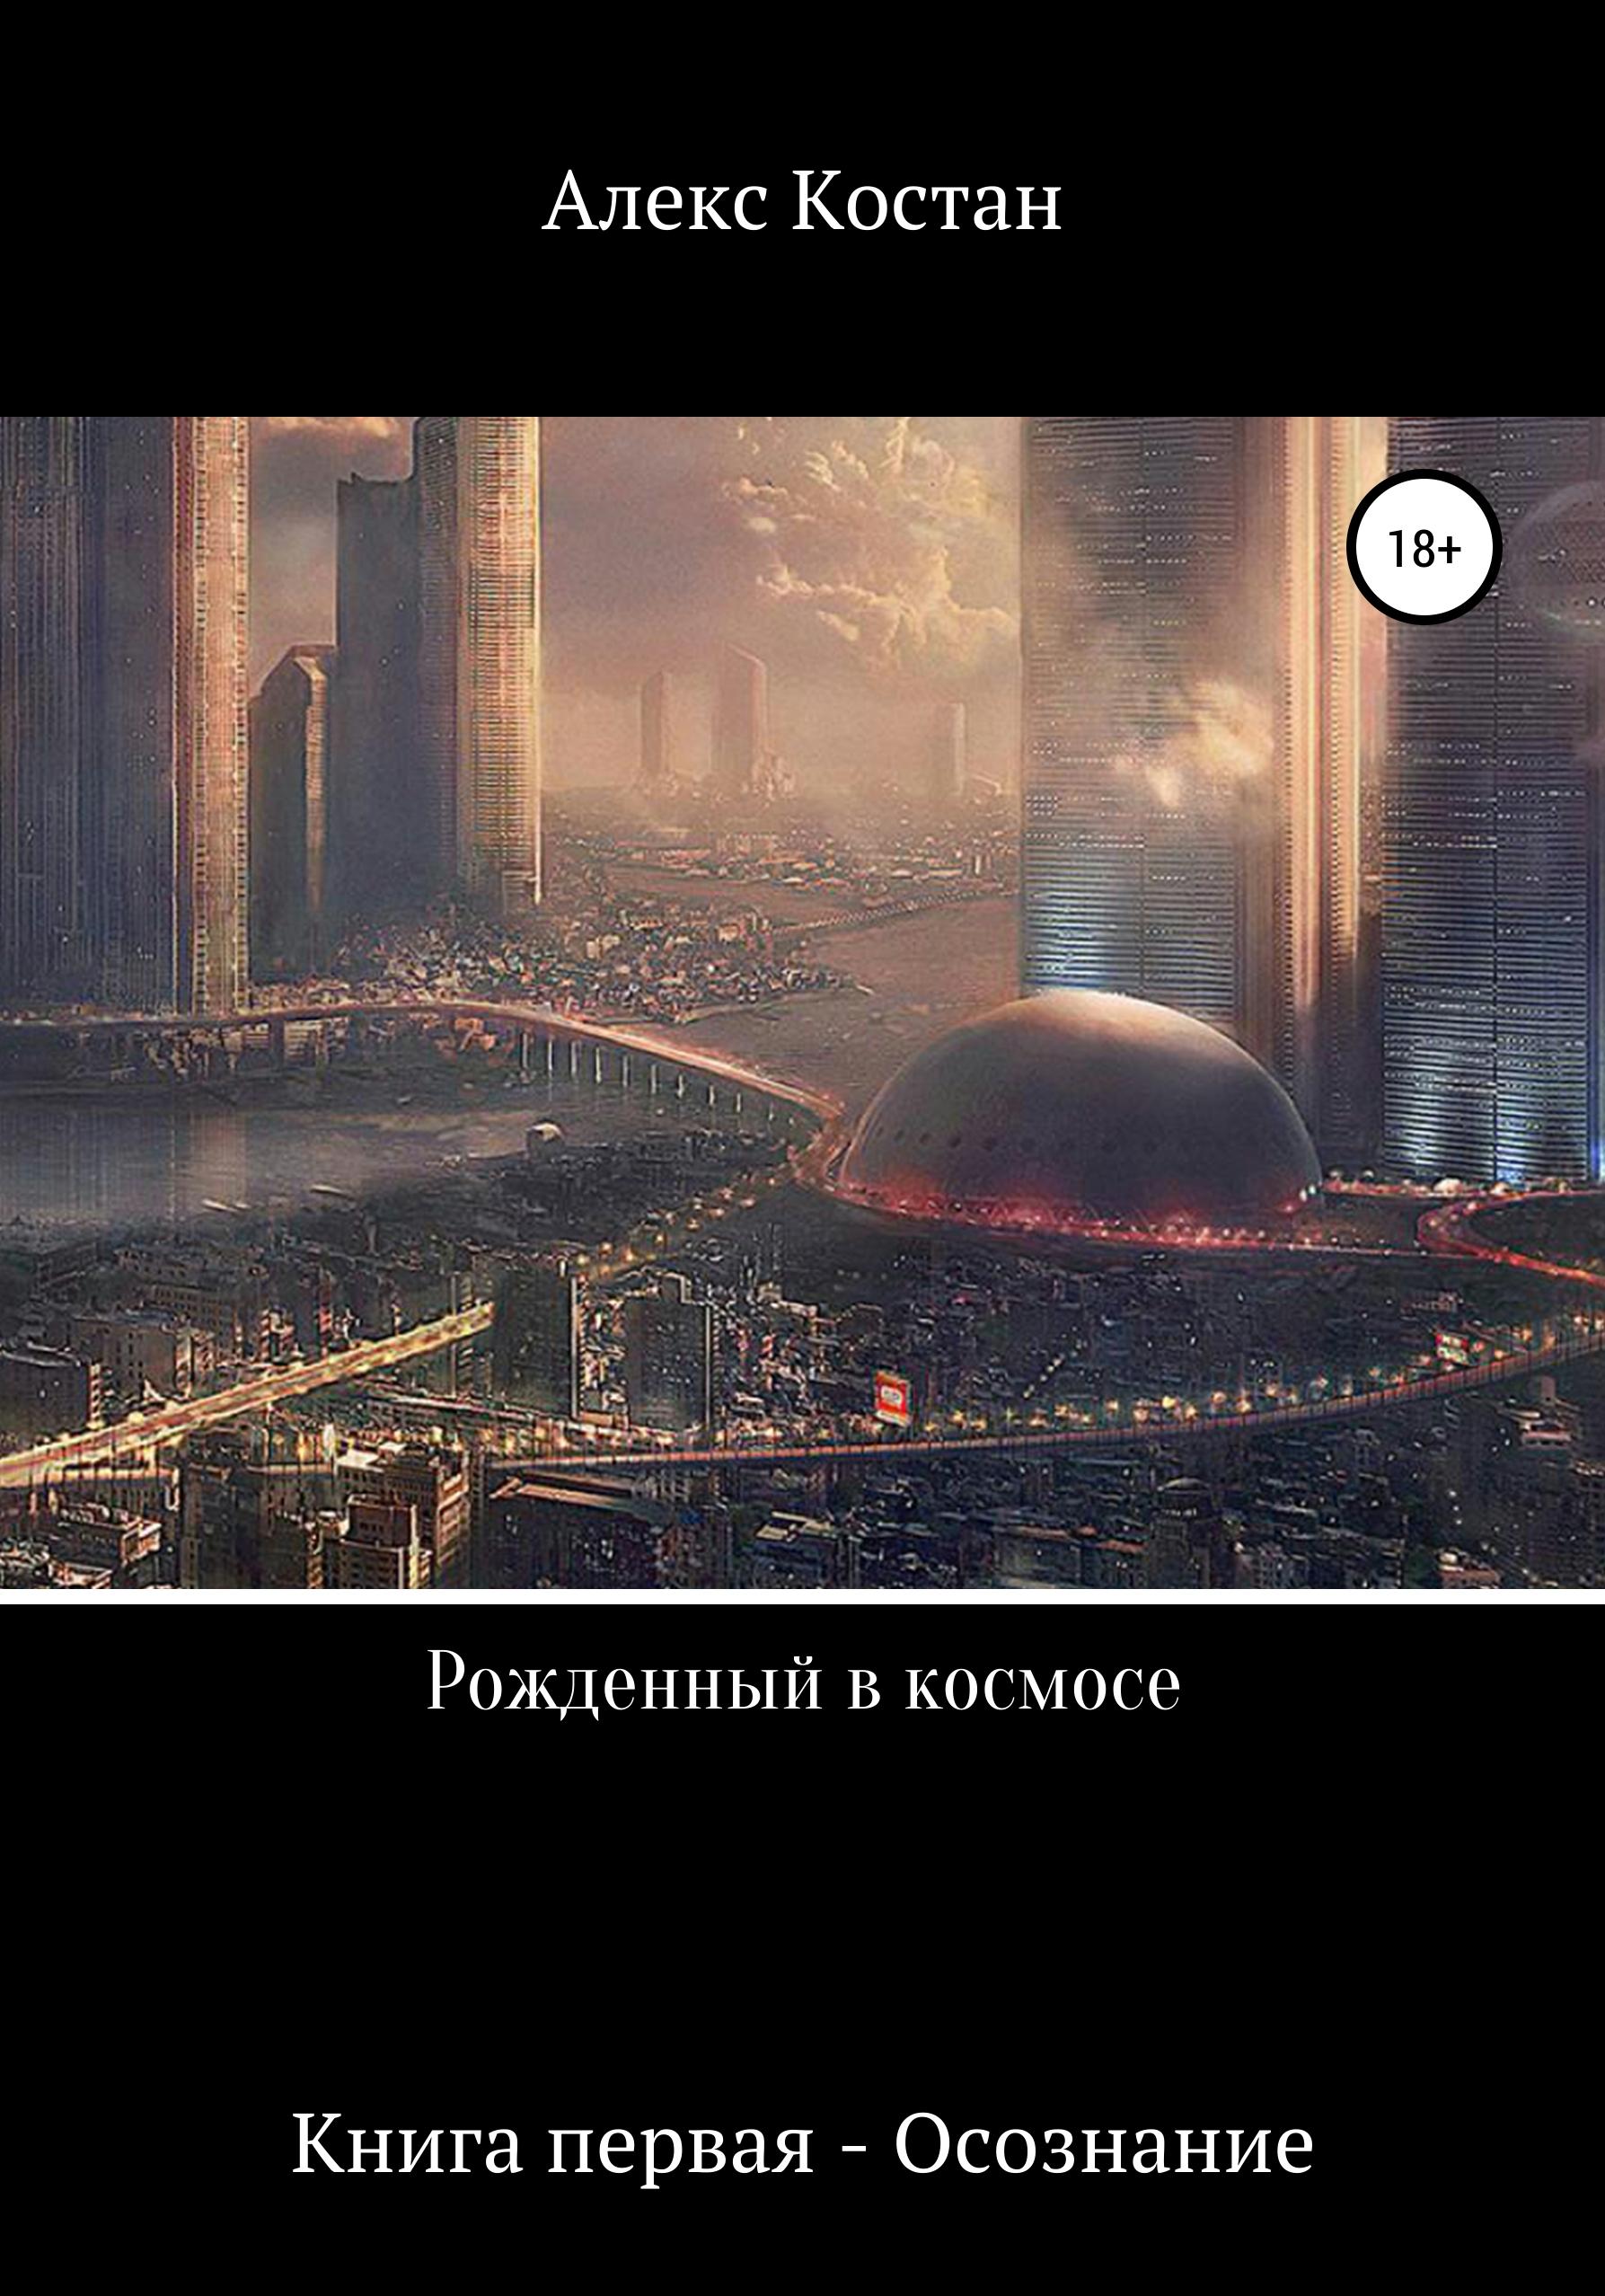 Алекс Костан Рожденный в космосе. Книга первая. Осознание цена